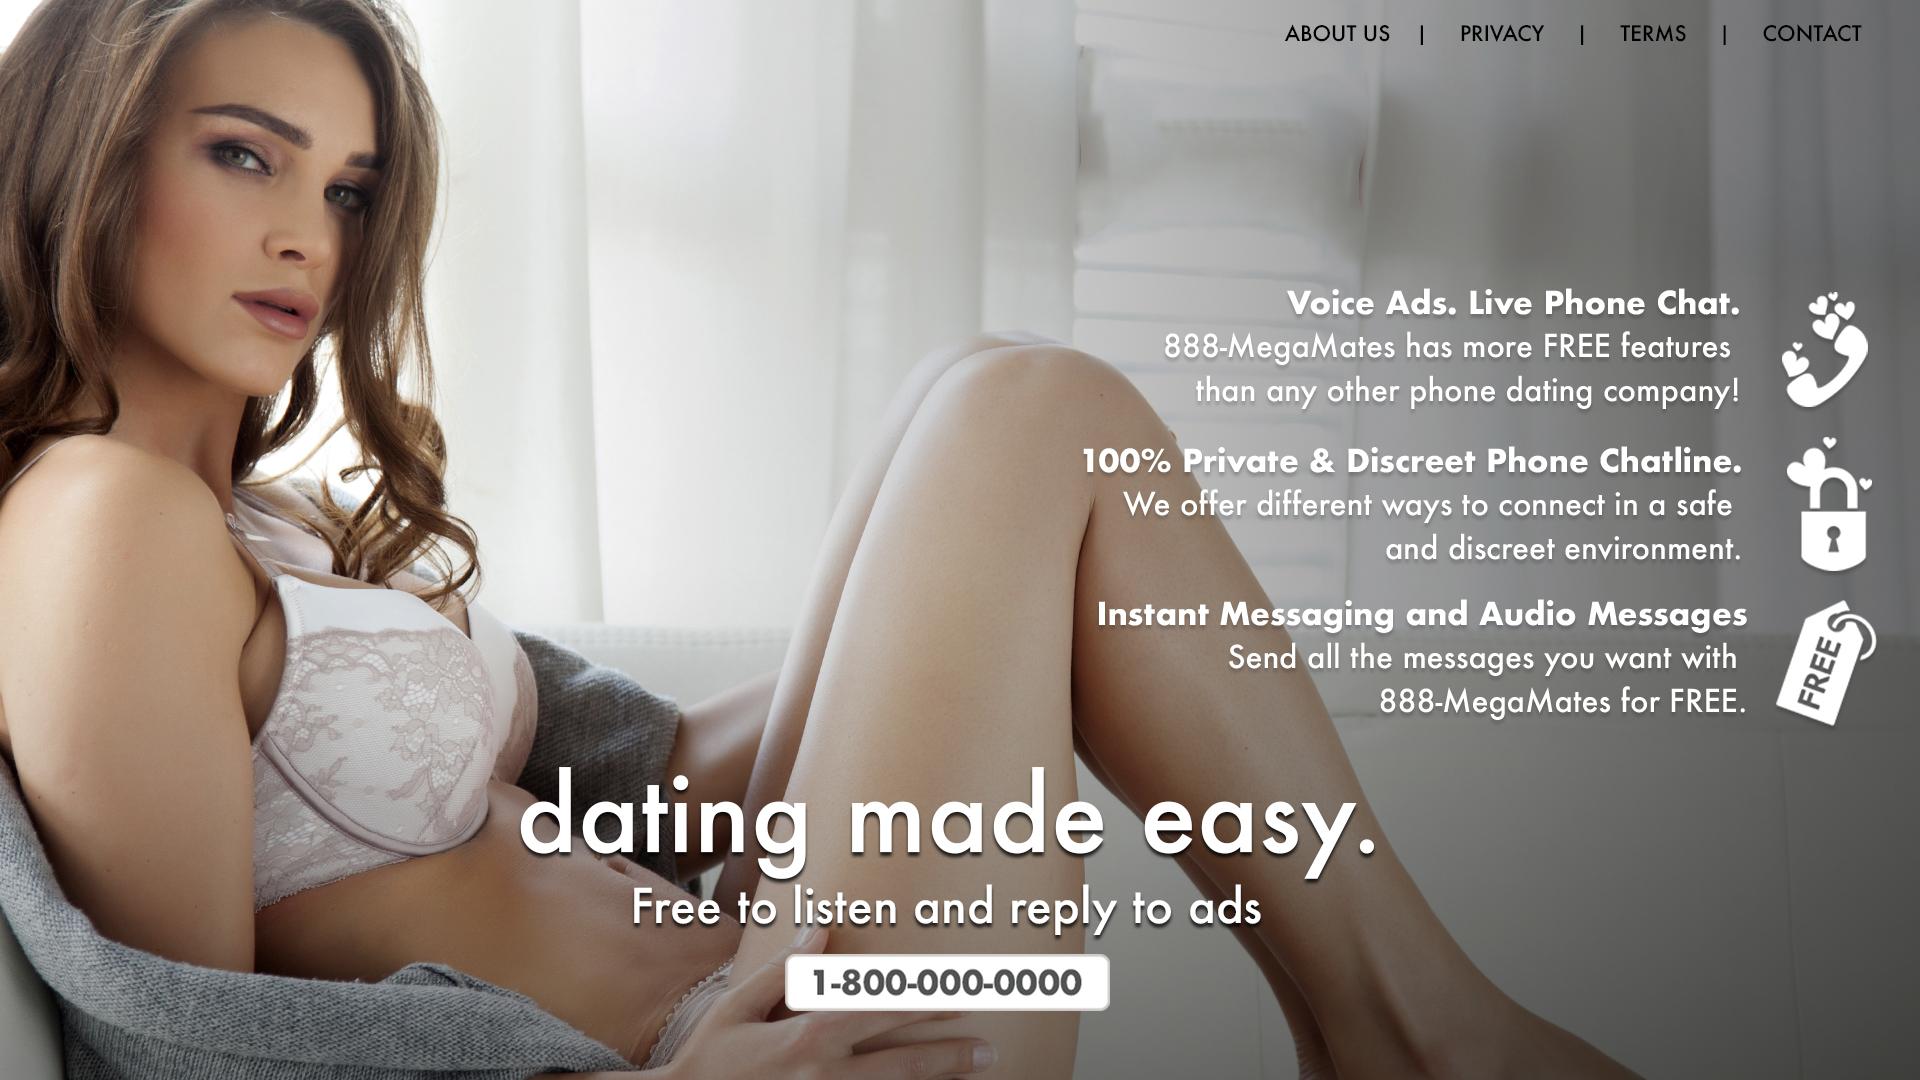 Clothed handjob porn movies cum lingerie sex videos XXX